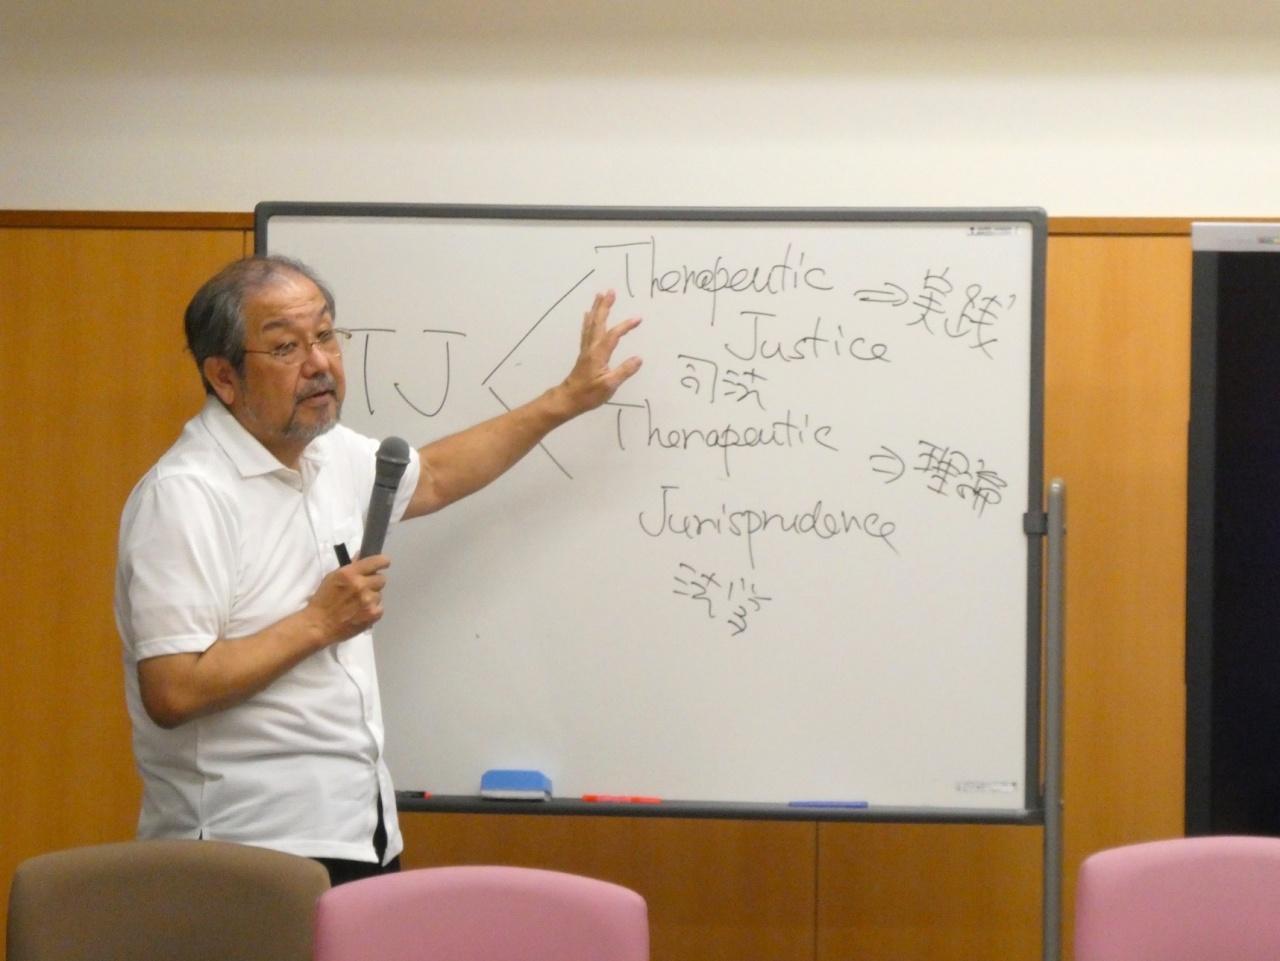 石塚伸一教授(センター長、「治療法学」・「法教育・法情報」ユニット長 / 法学部教授)